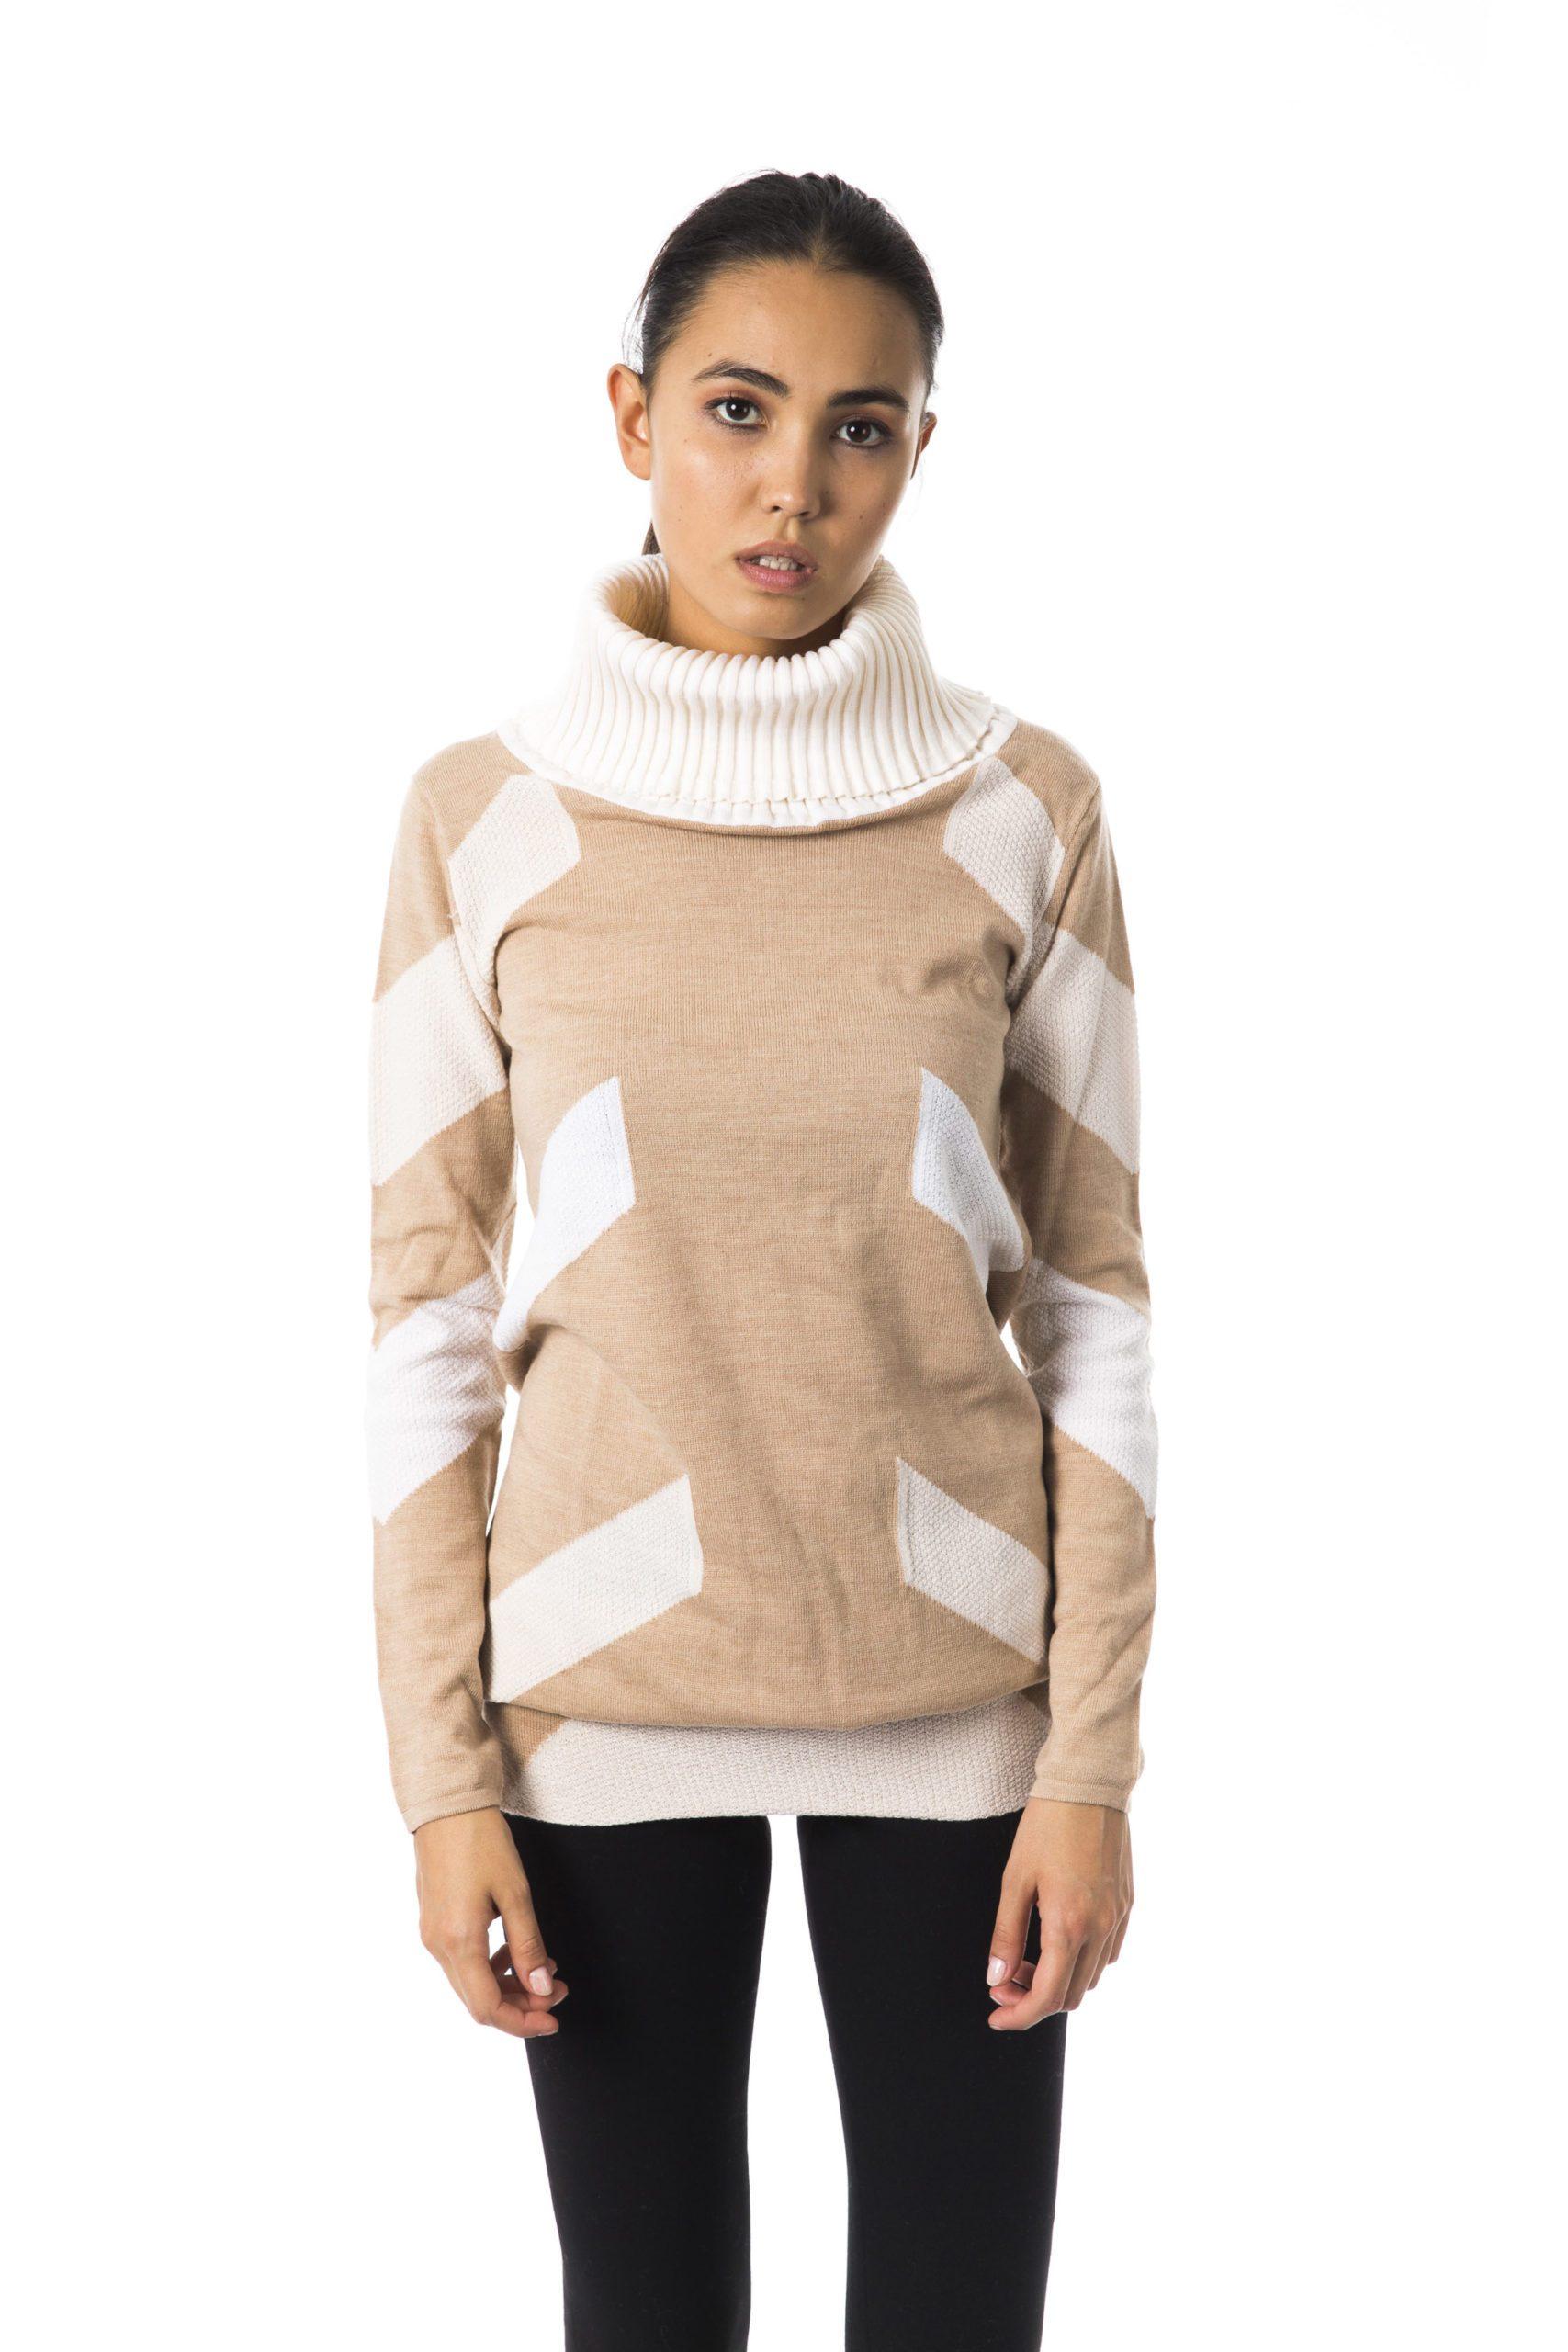 BYBLOS Women's Cartone Sweater Beige BY1258791 - S